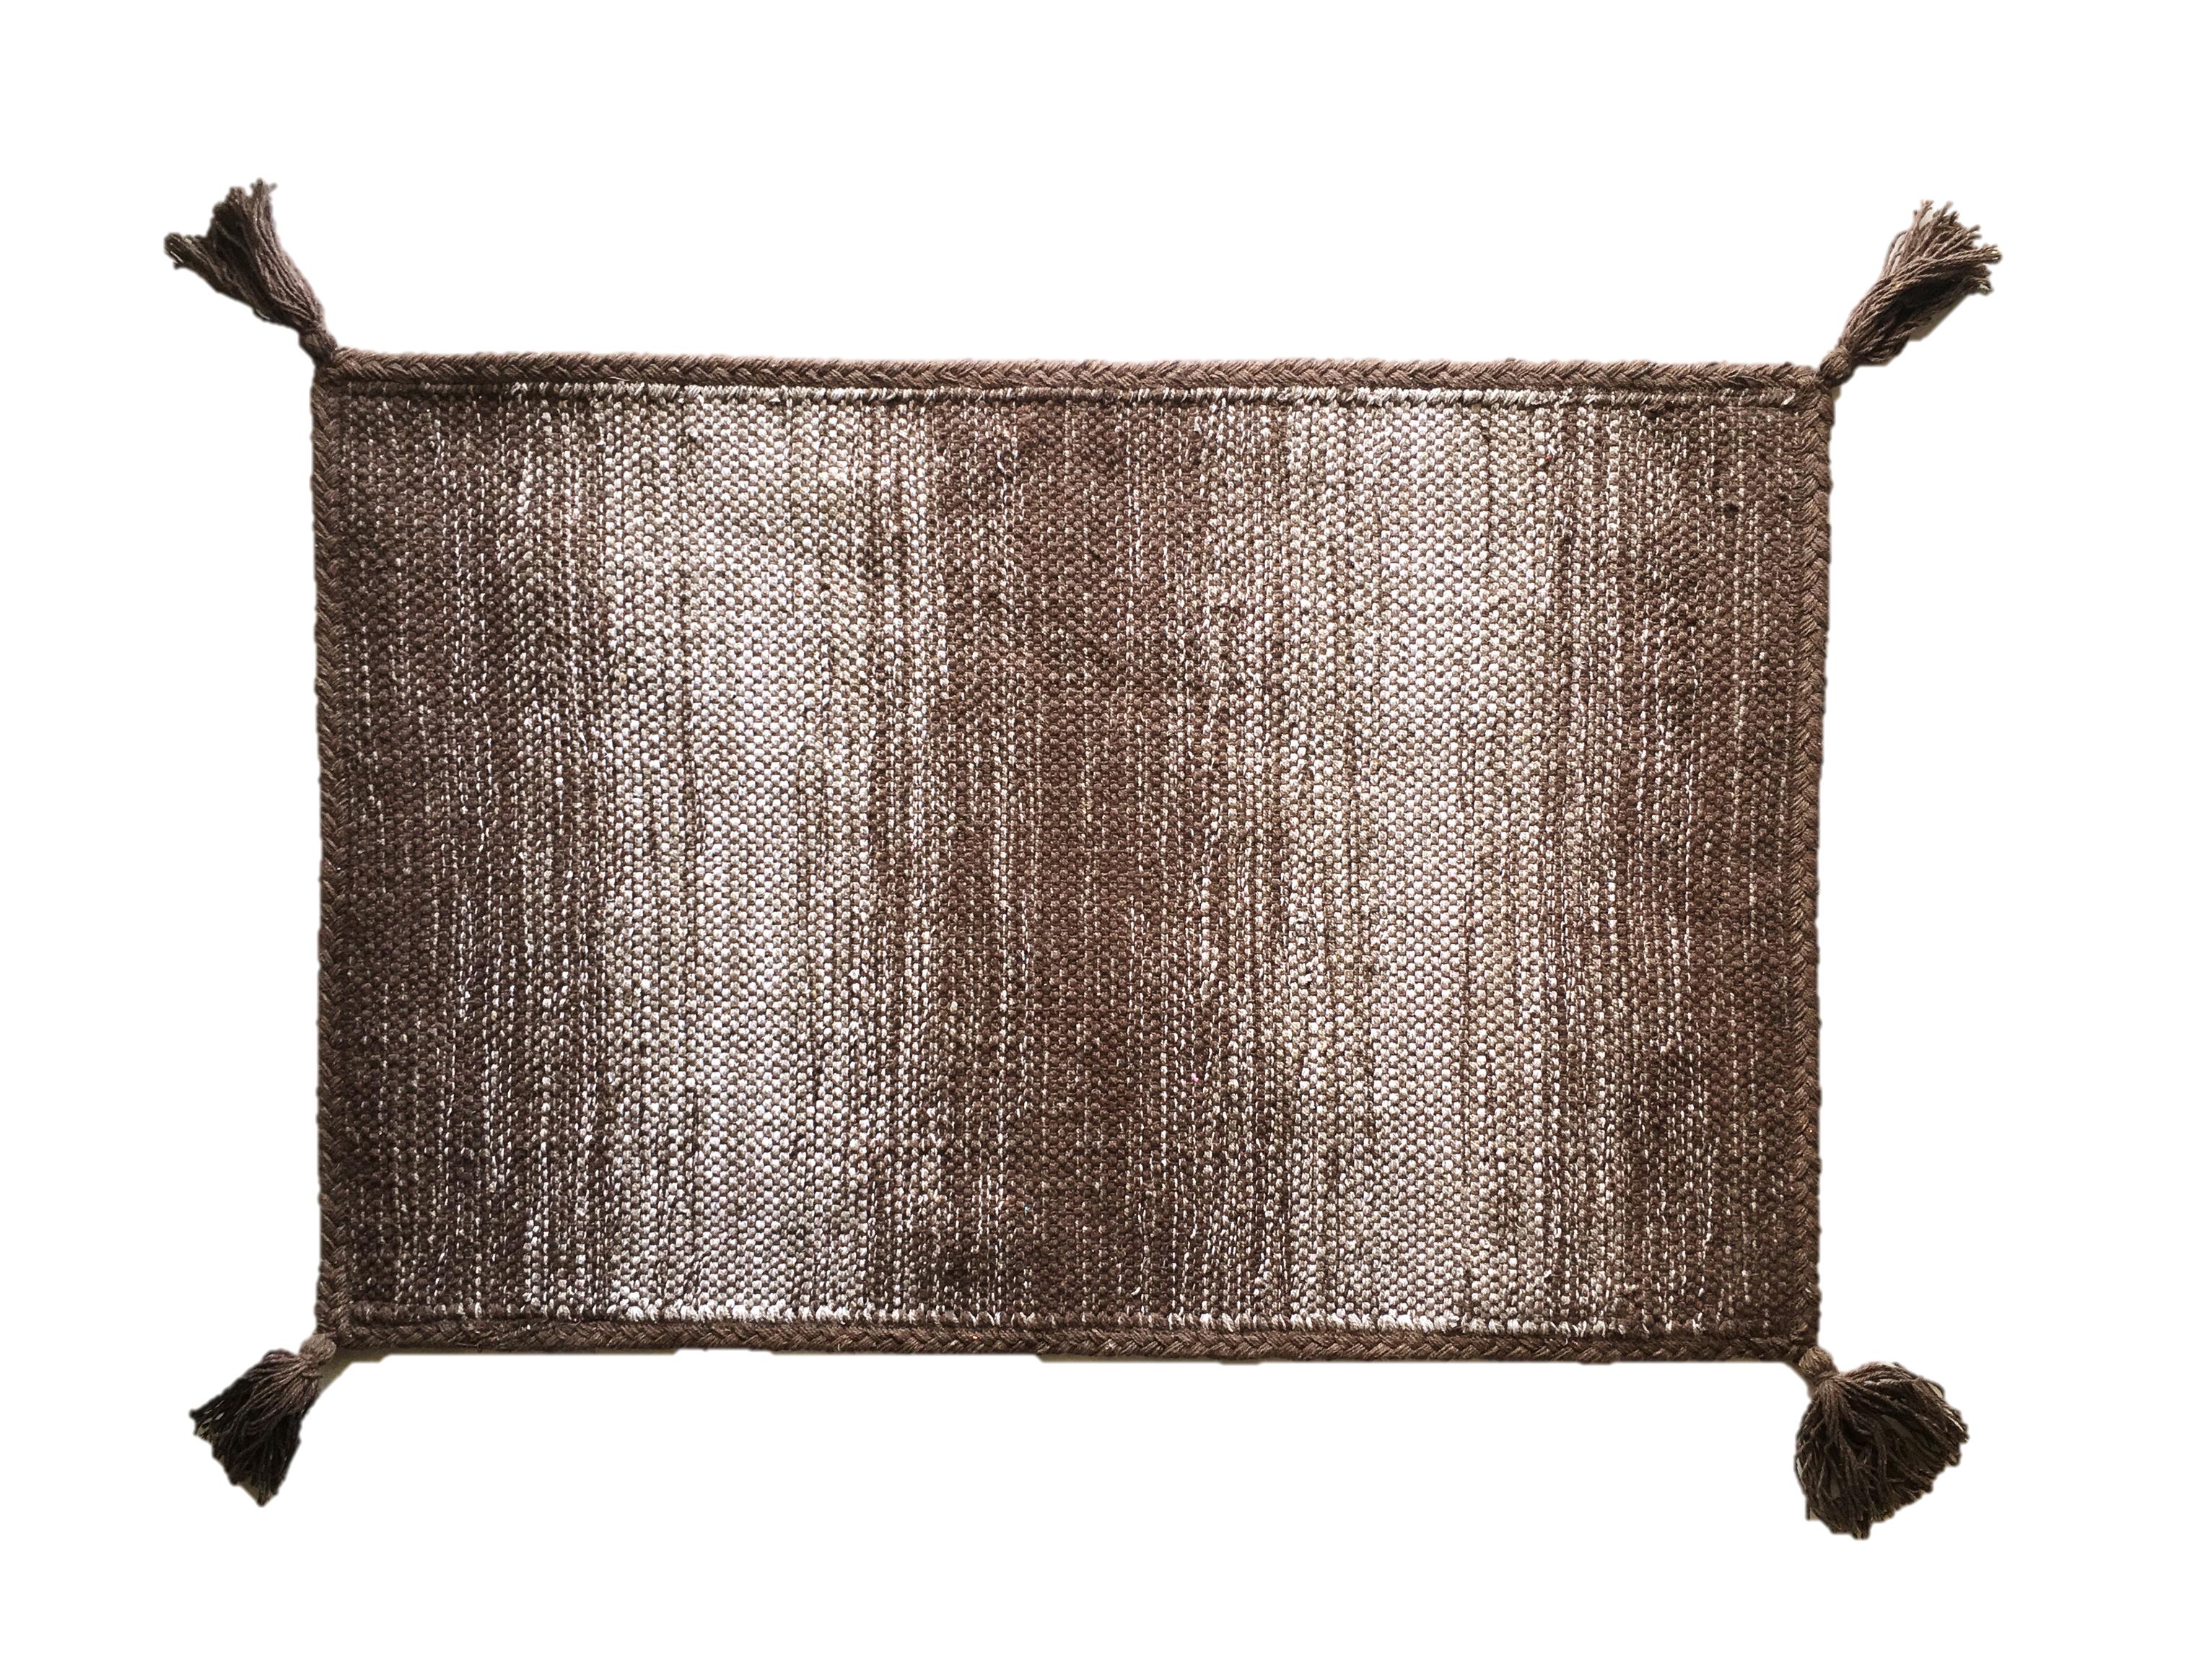 Χαλί Lora Εσωτερικού Χώρου Καφέ 135cm X 70cm home   ειδη μπανιου   χαλιά   πατάκια μπάνιου